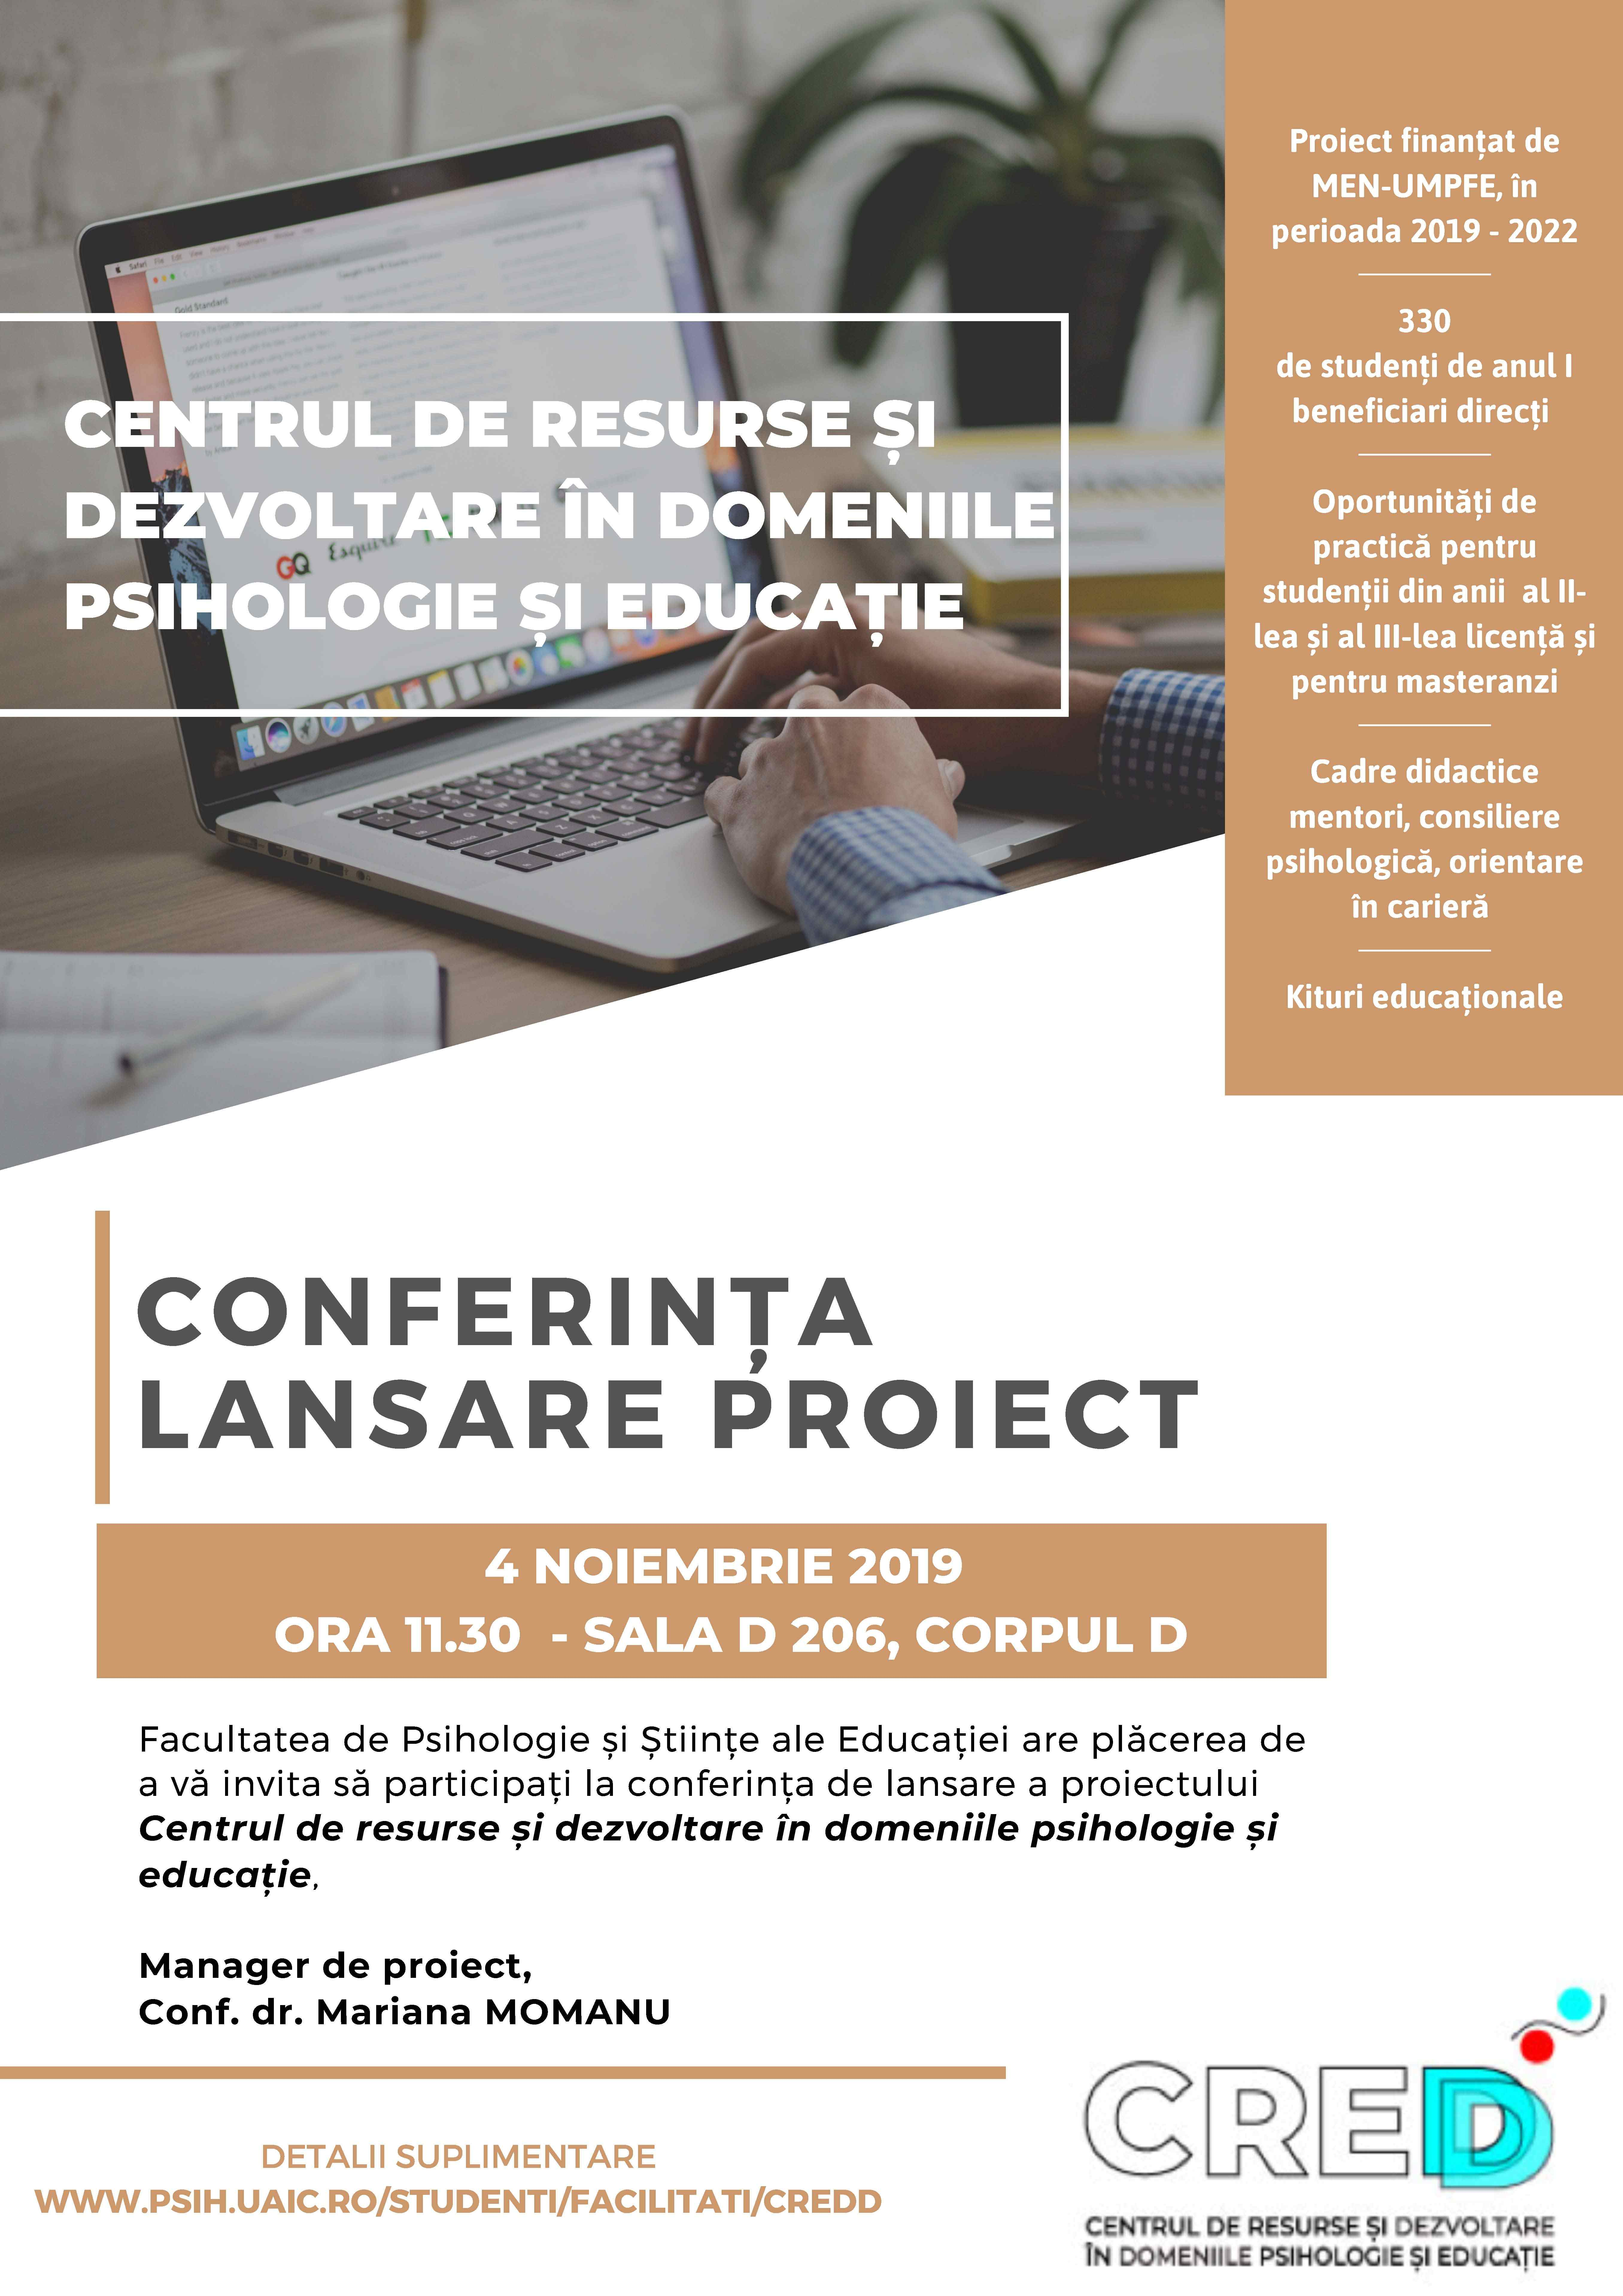 Conferință de lansare proiect - 4 noiembrie 2019